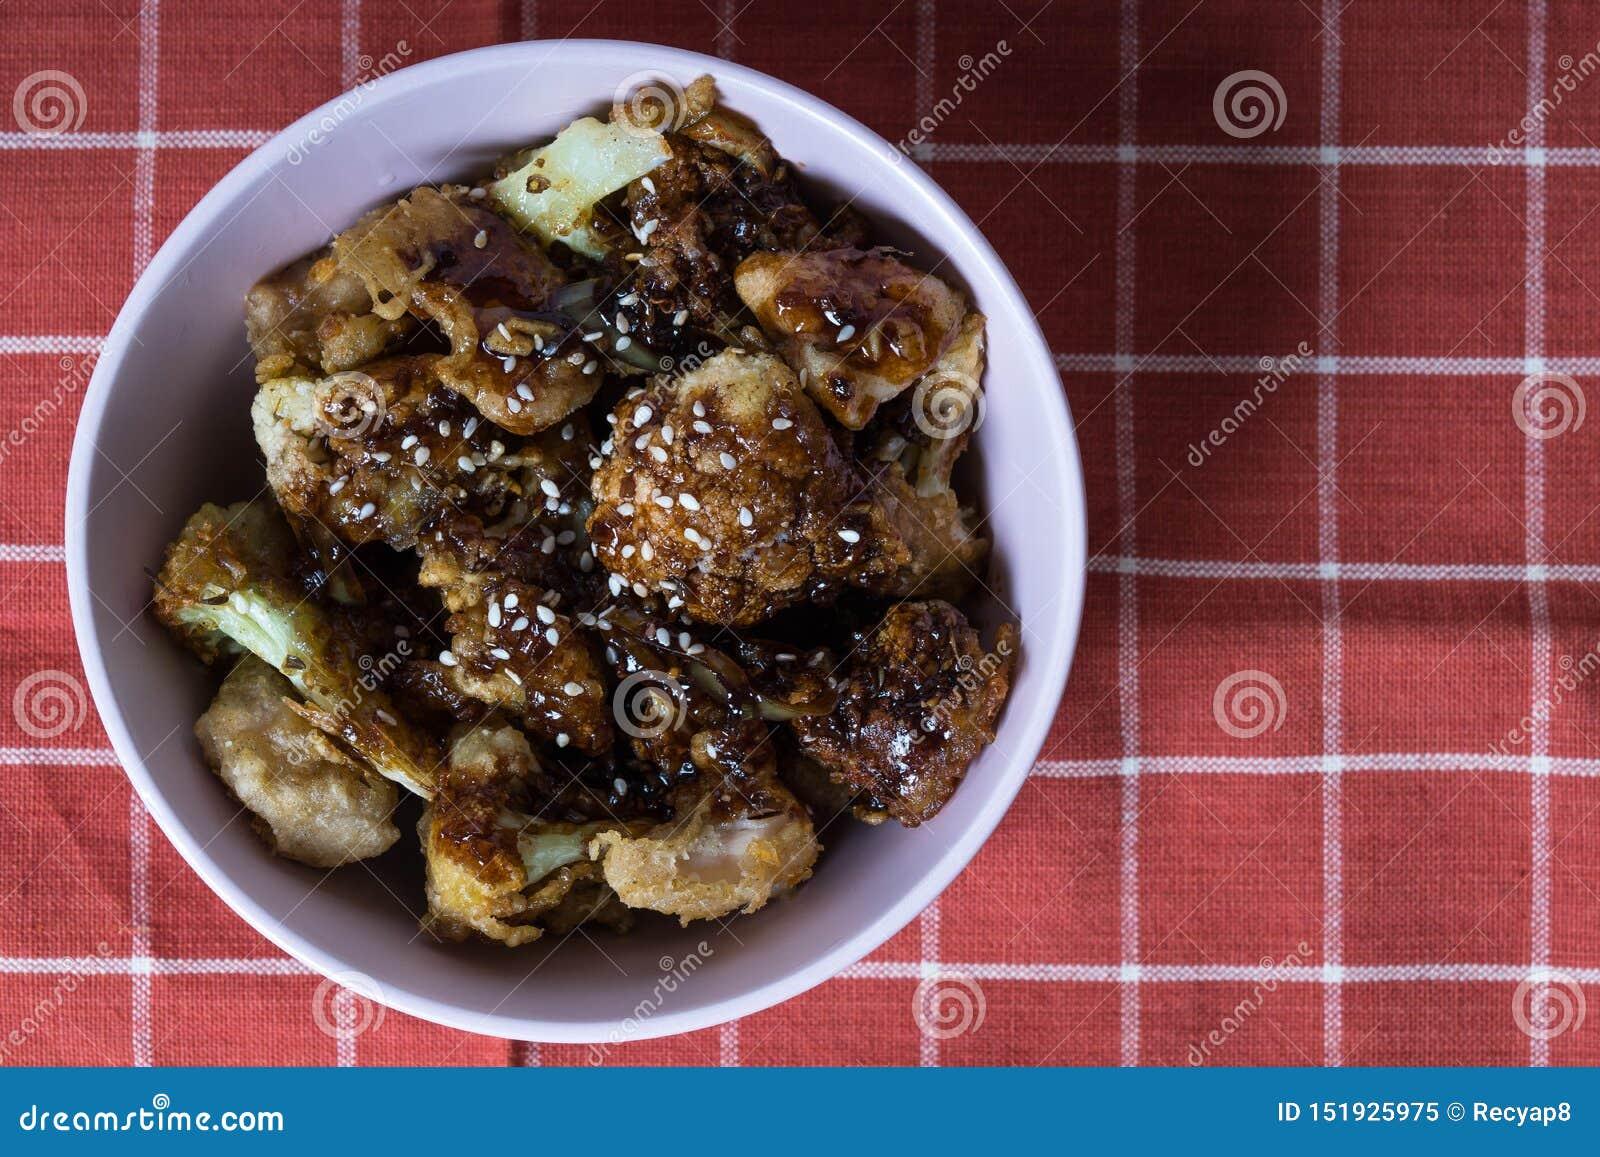 General tso cauliflower withc chicken breast